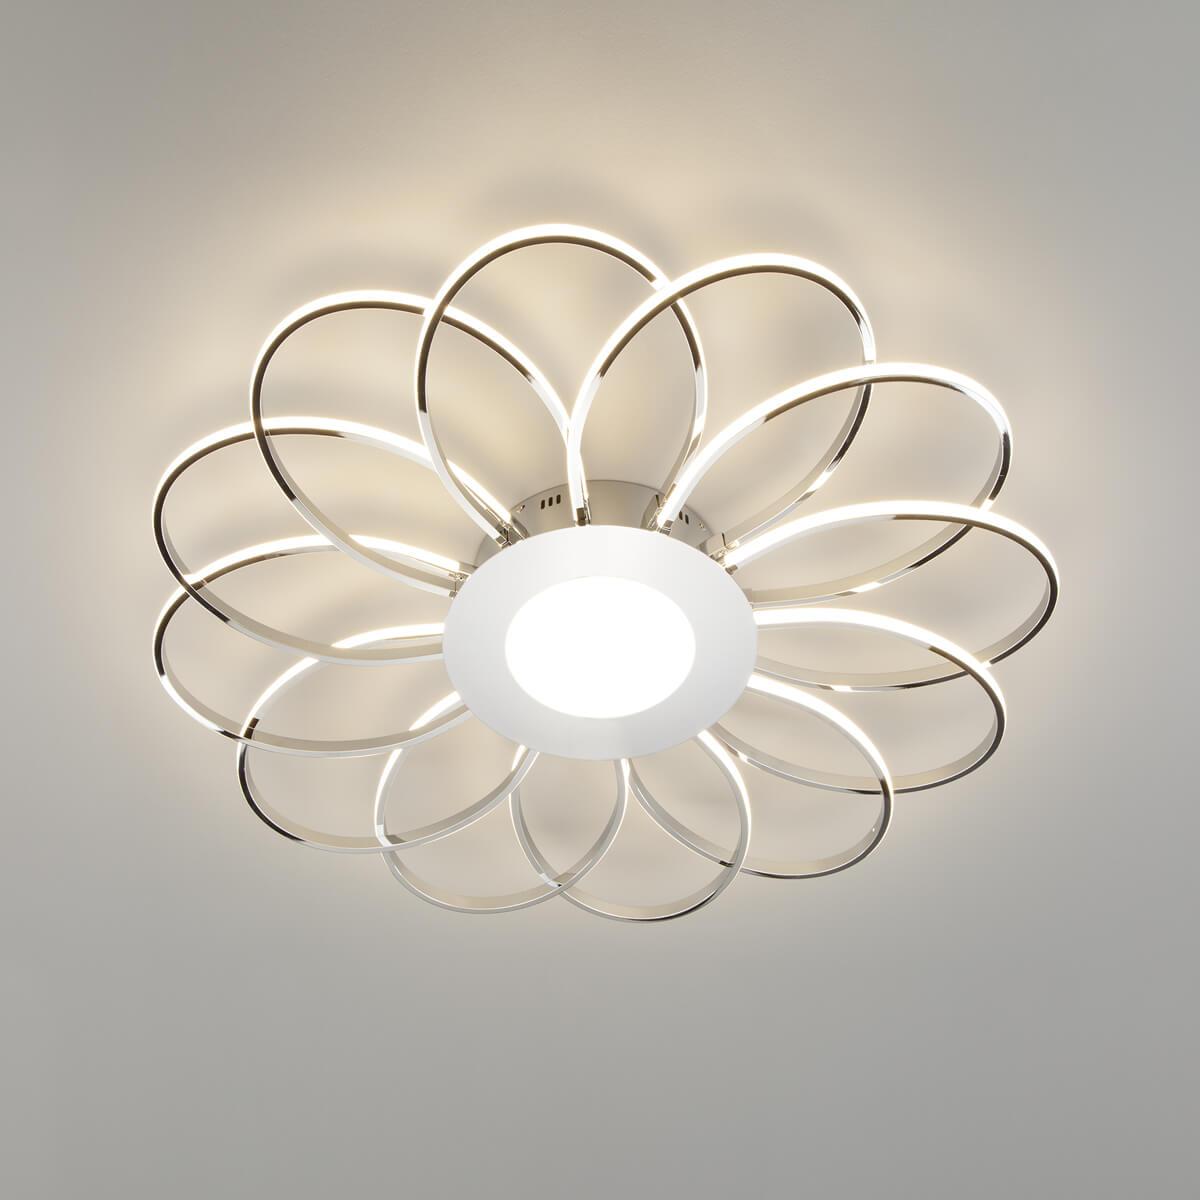 Потолочный светодиодный светильник Eurosvet Jenssen 90105/13 хром цена